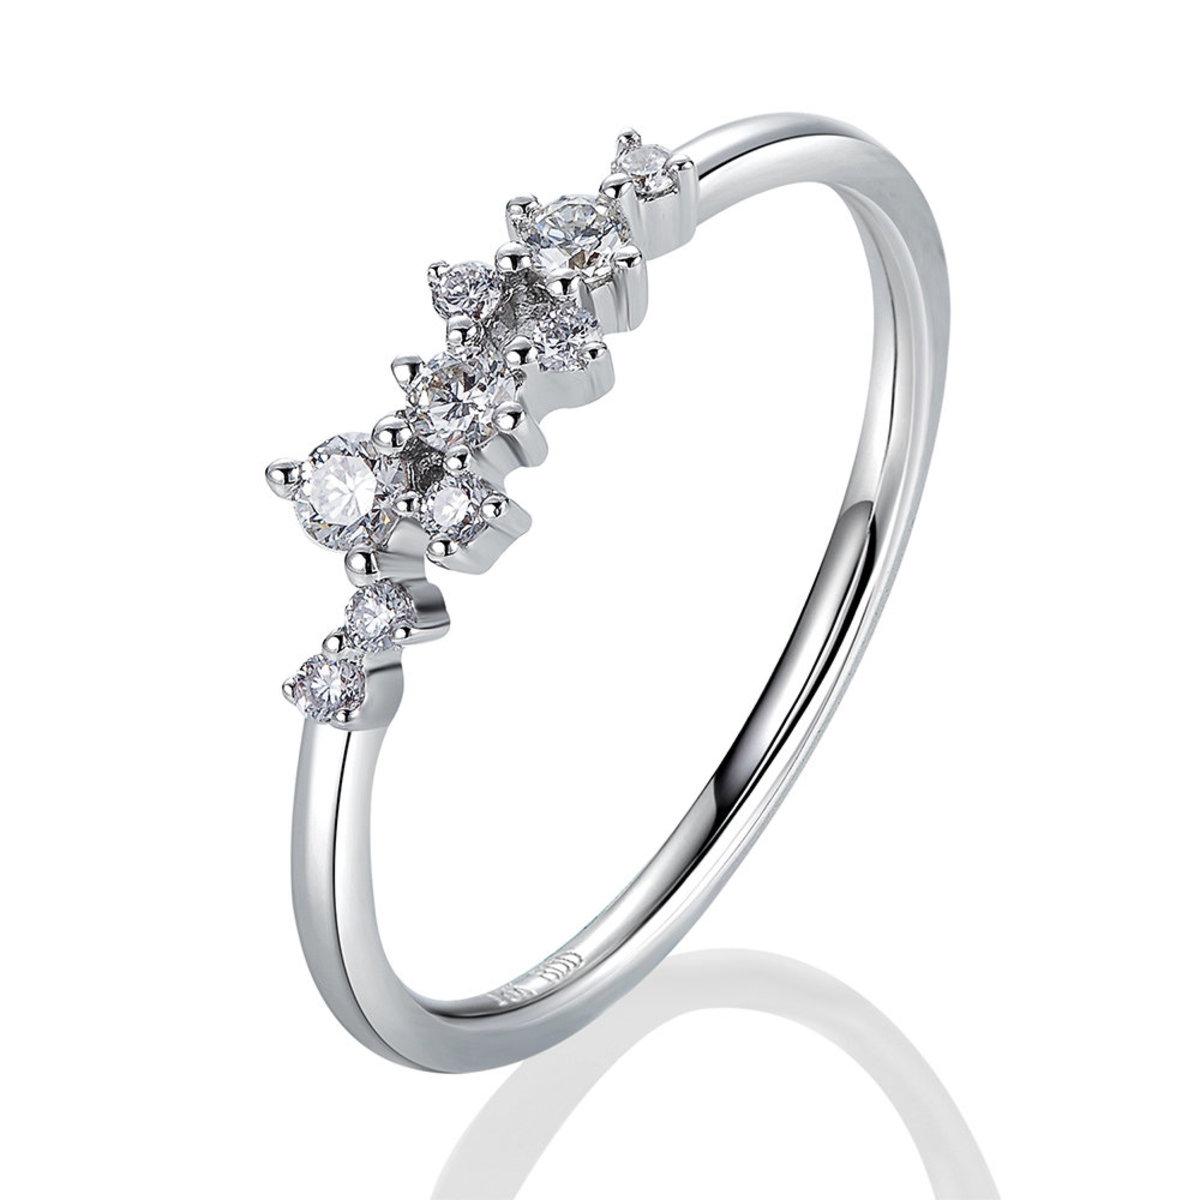 18K白金鑽石戒指(0.19克拉總重量)